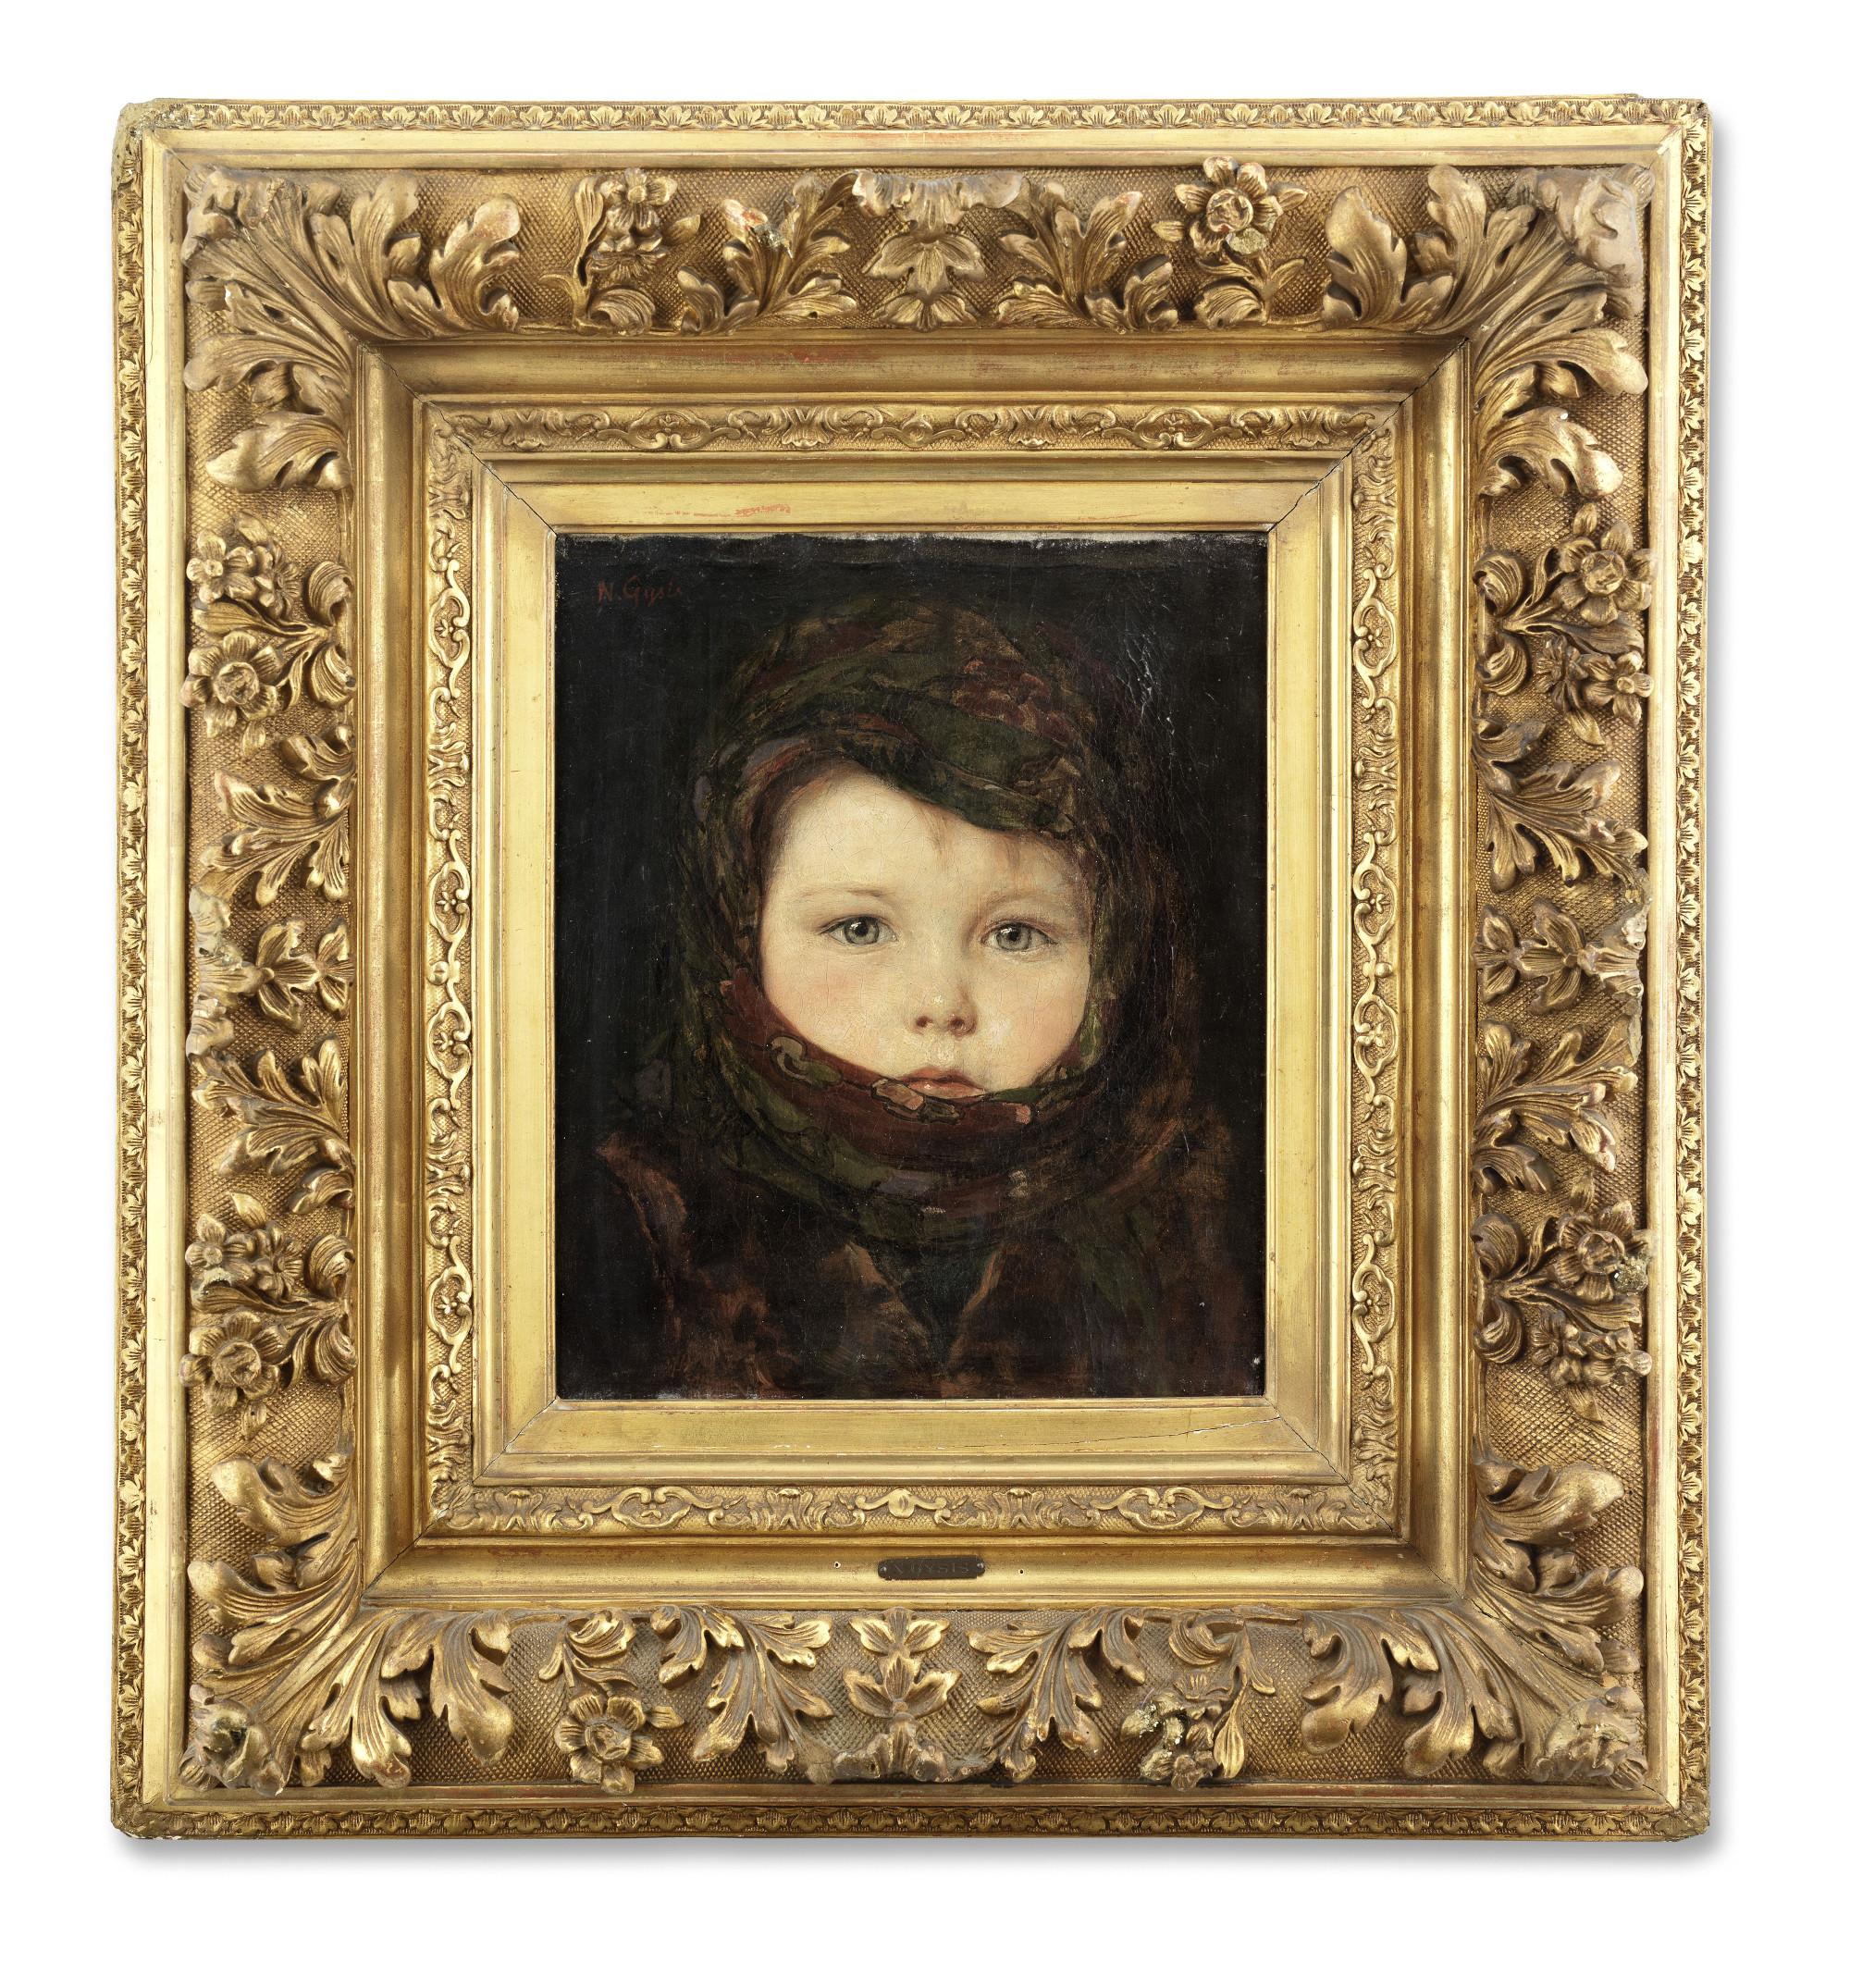 «Πορτραίτο παιδιού» του Νικολάου Γύζη (1842-1901)